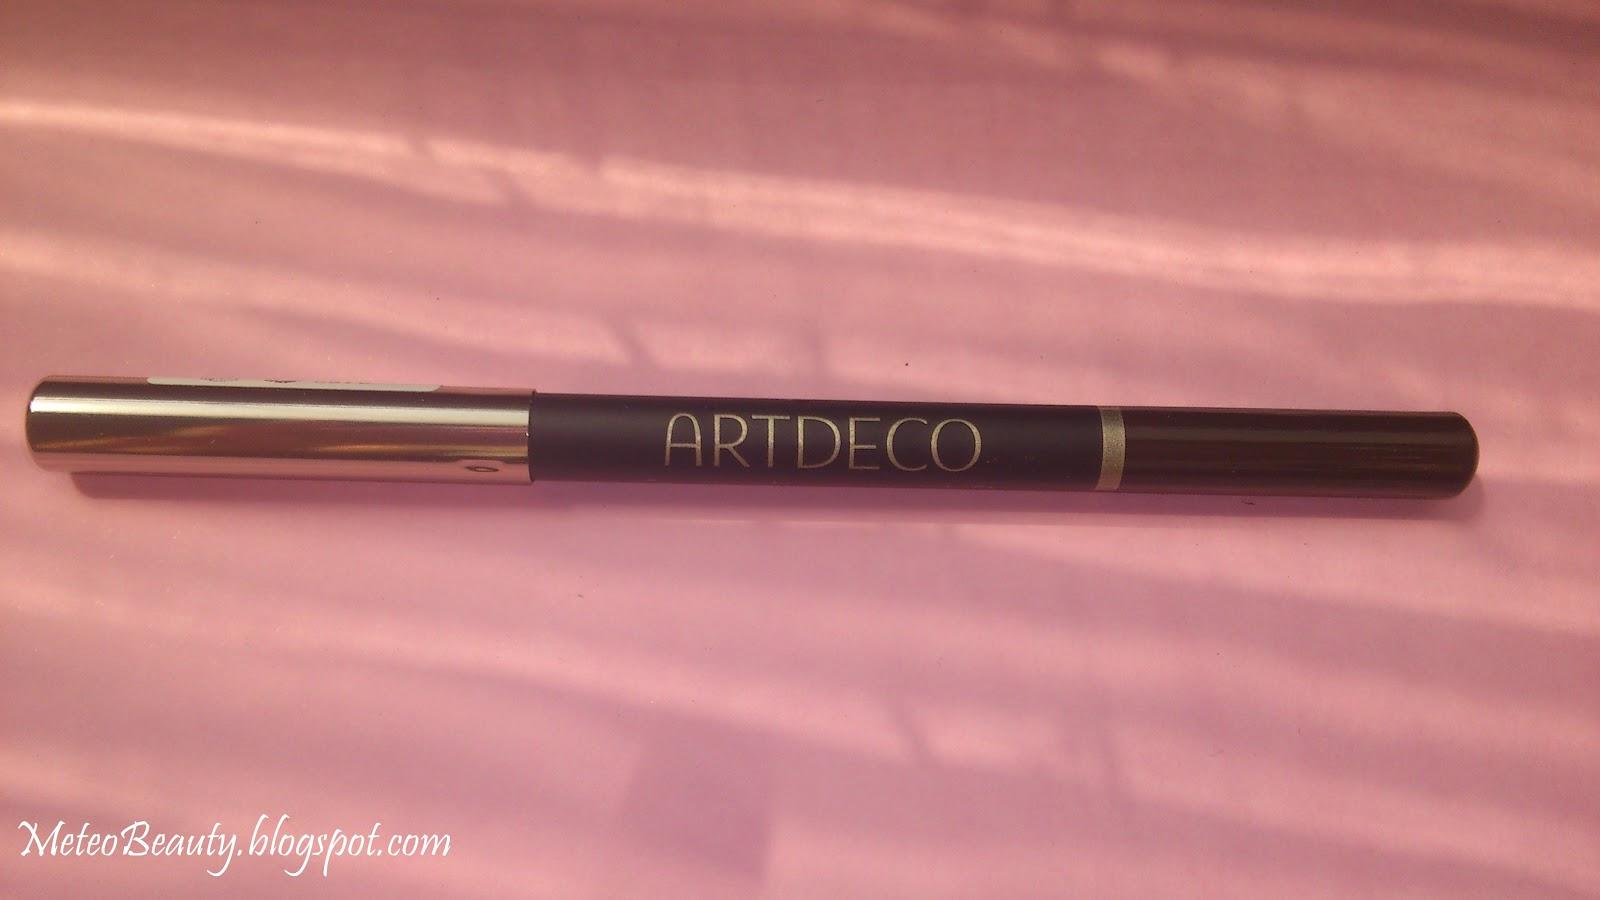 Artdeco Eyebrow Pencil Intensive Brown